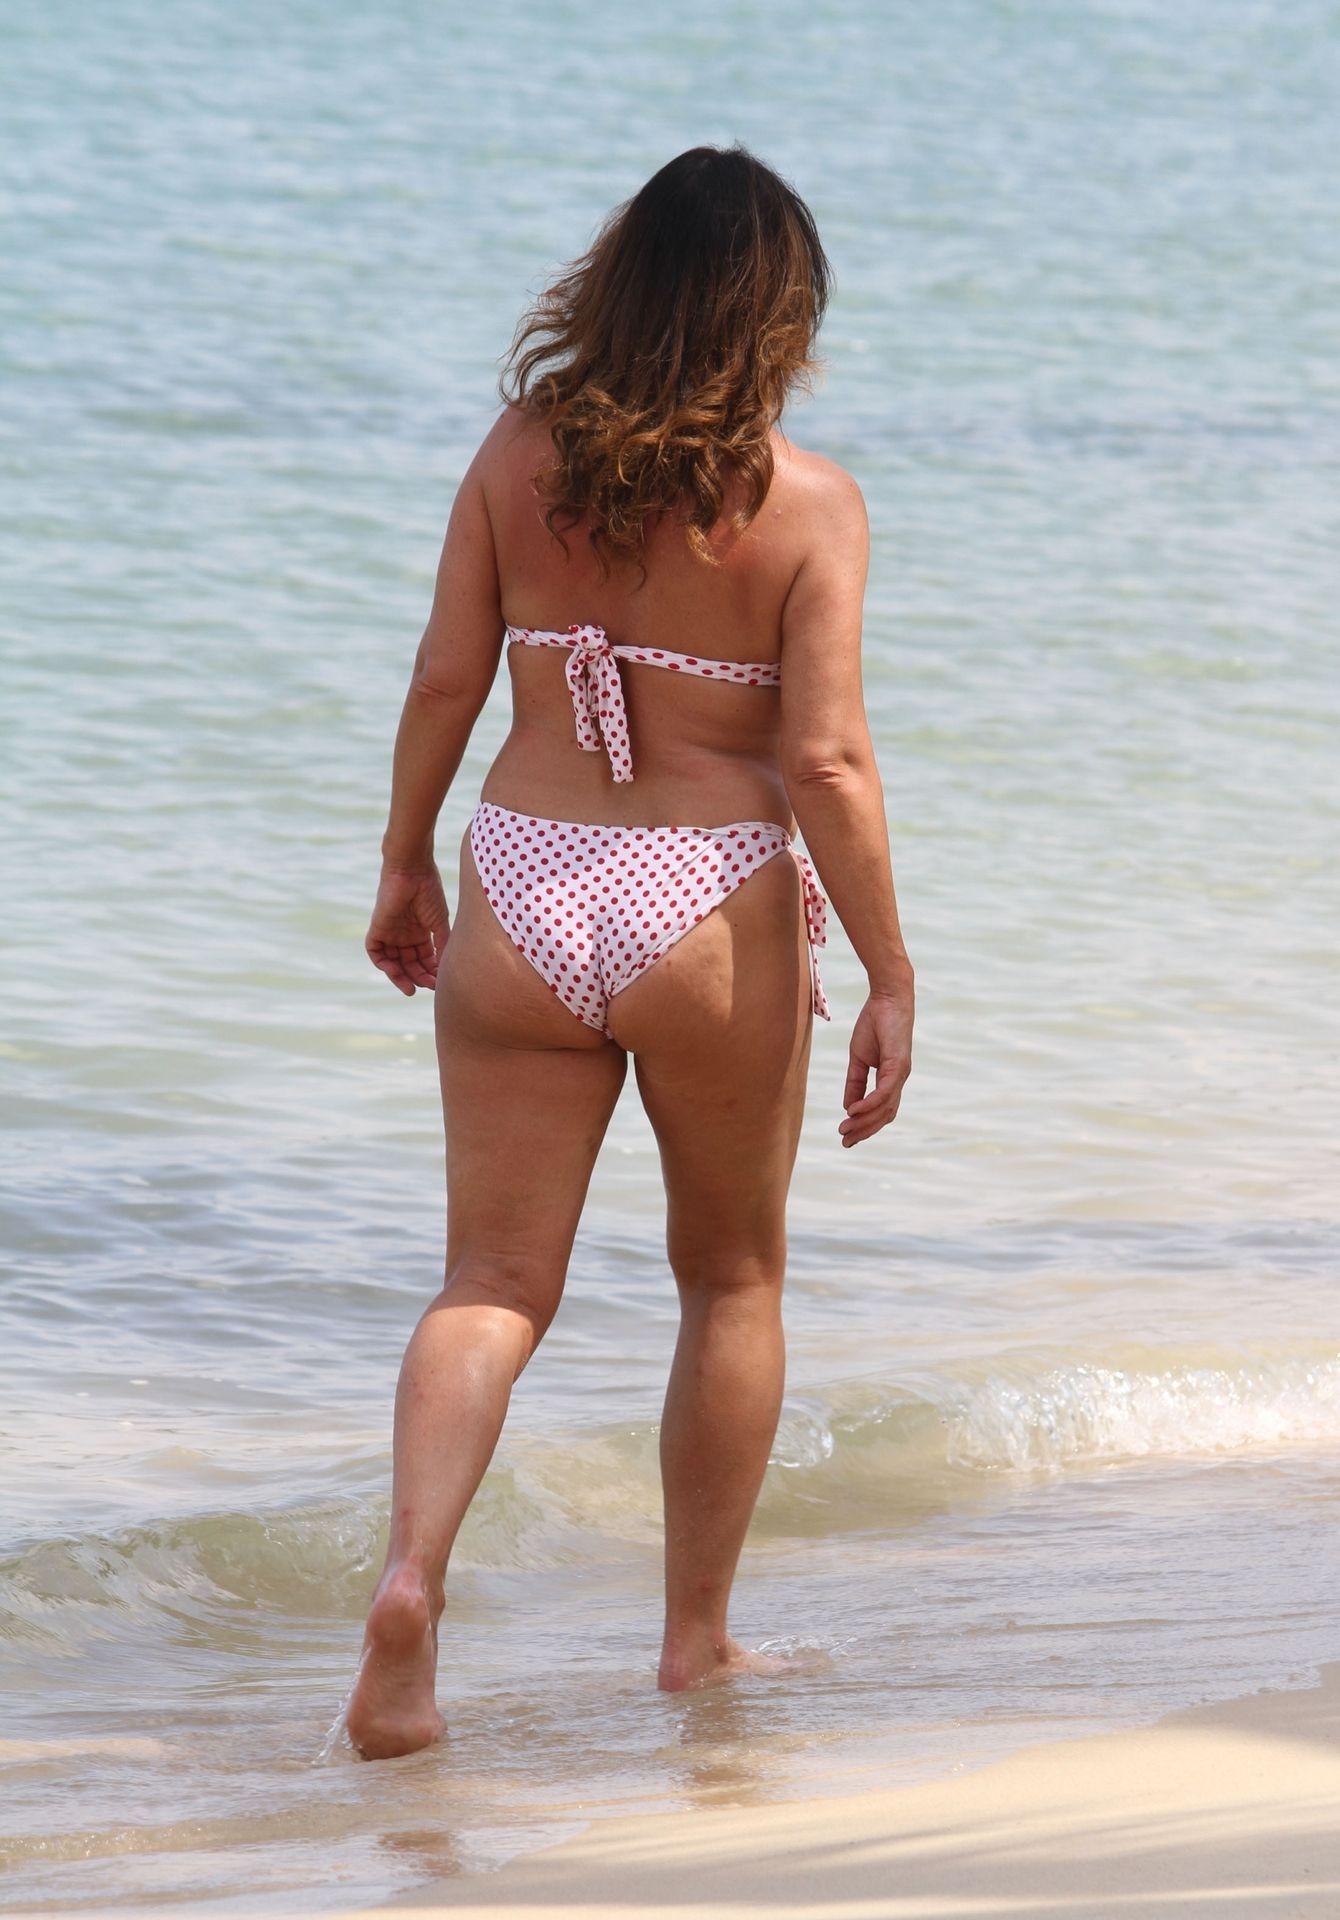 Lisa Appleton Hot & Topless 0039